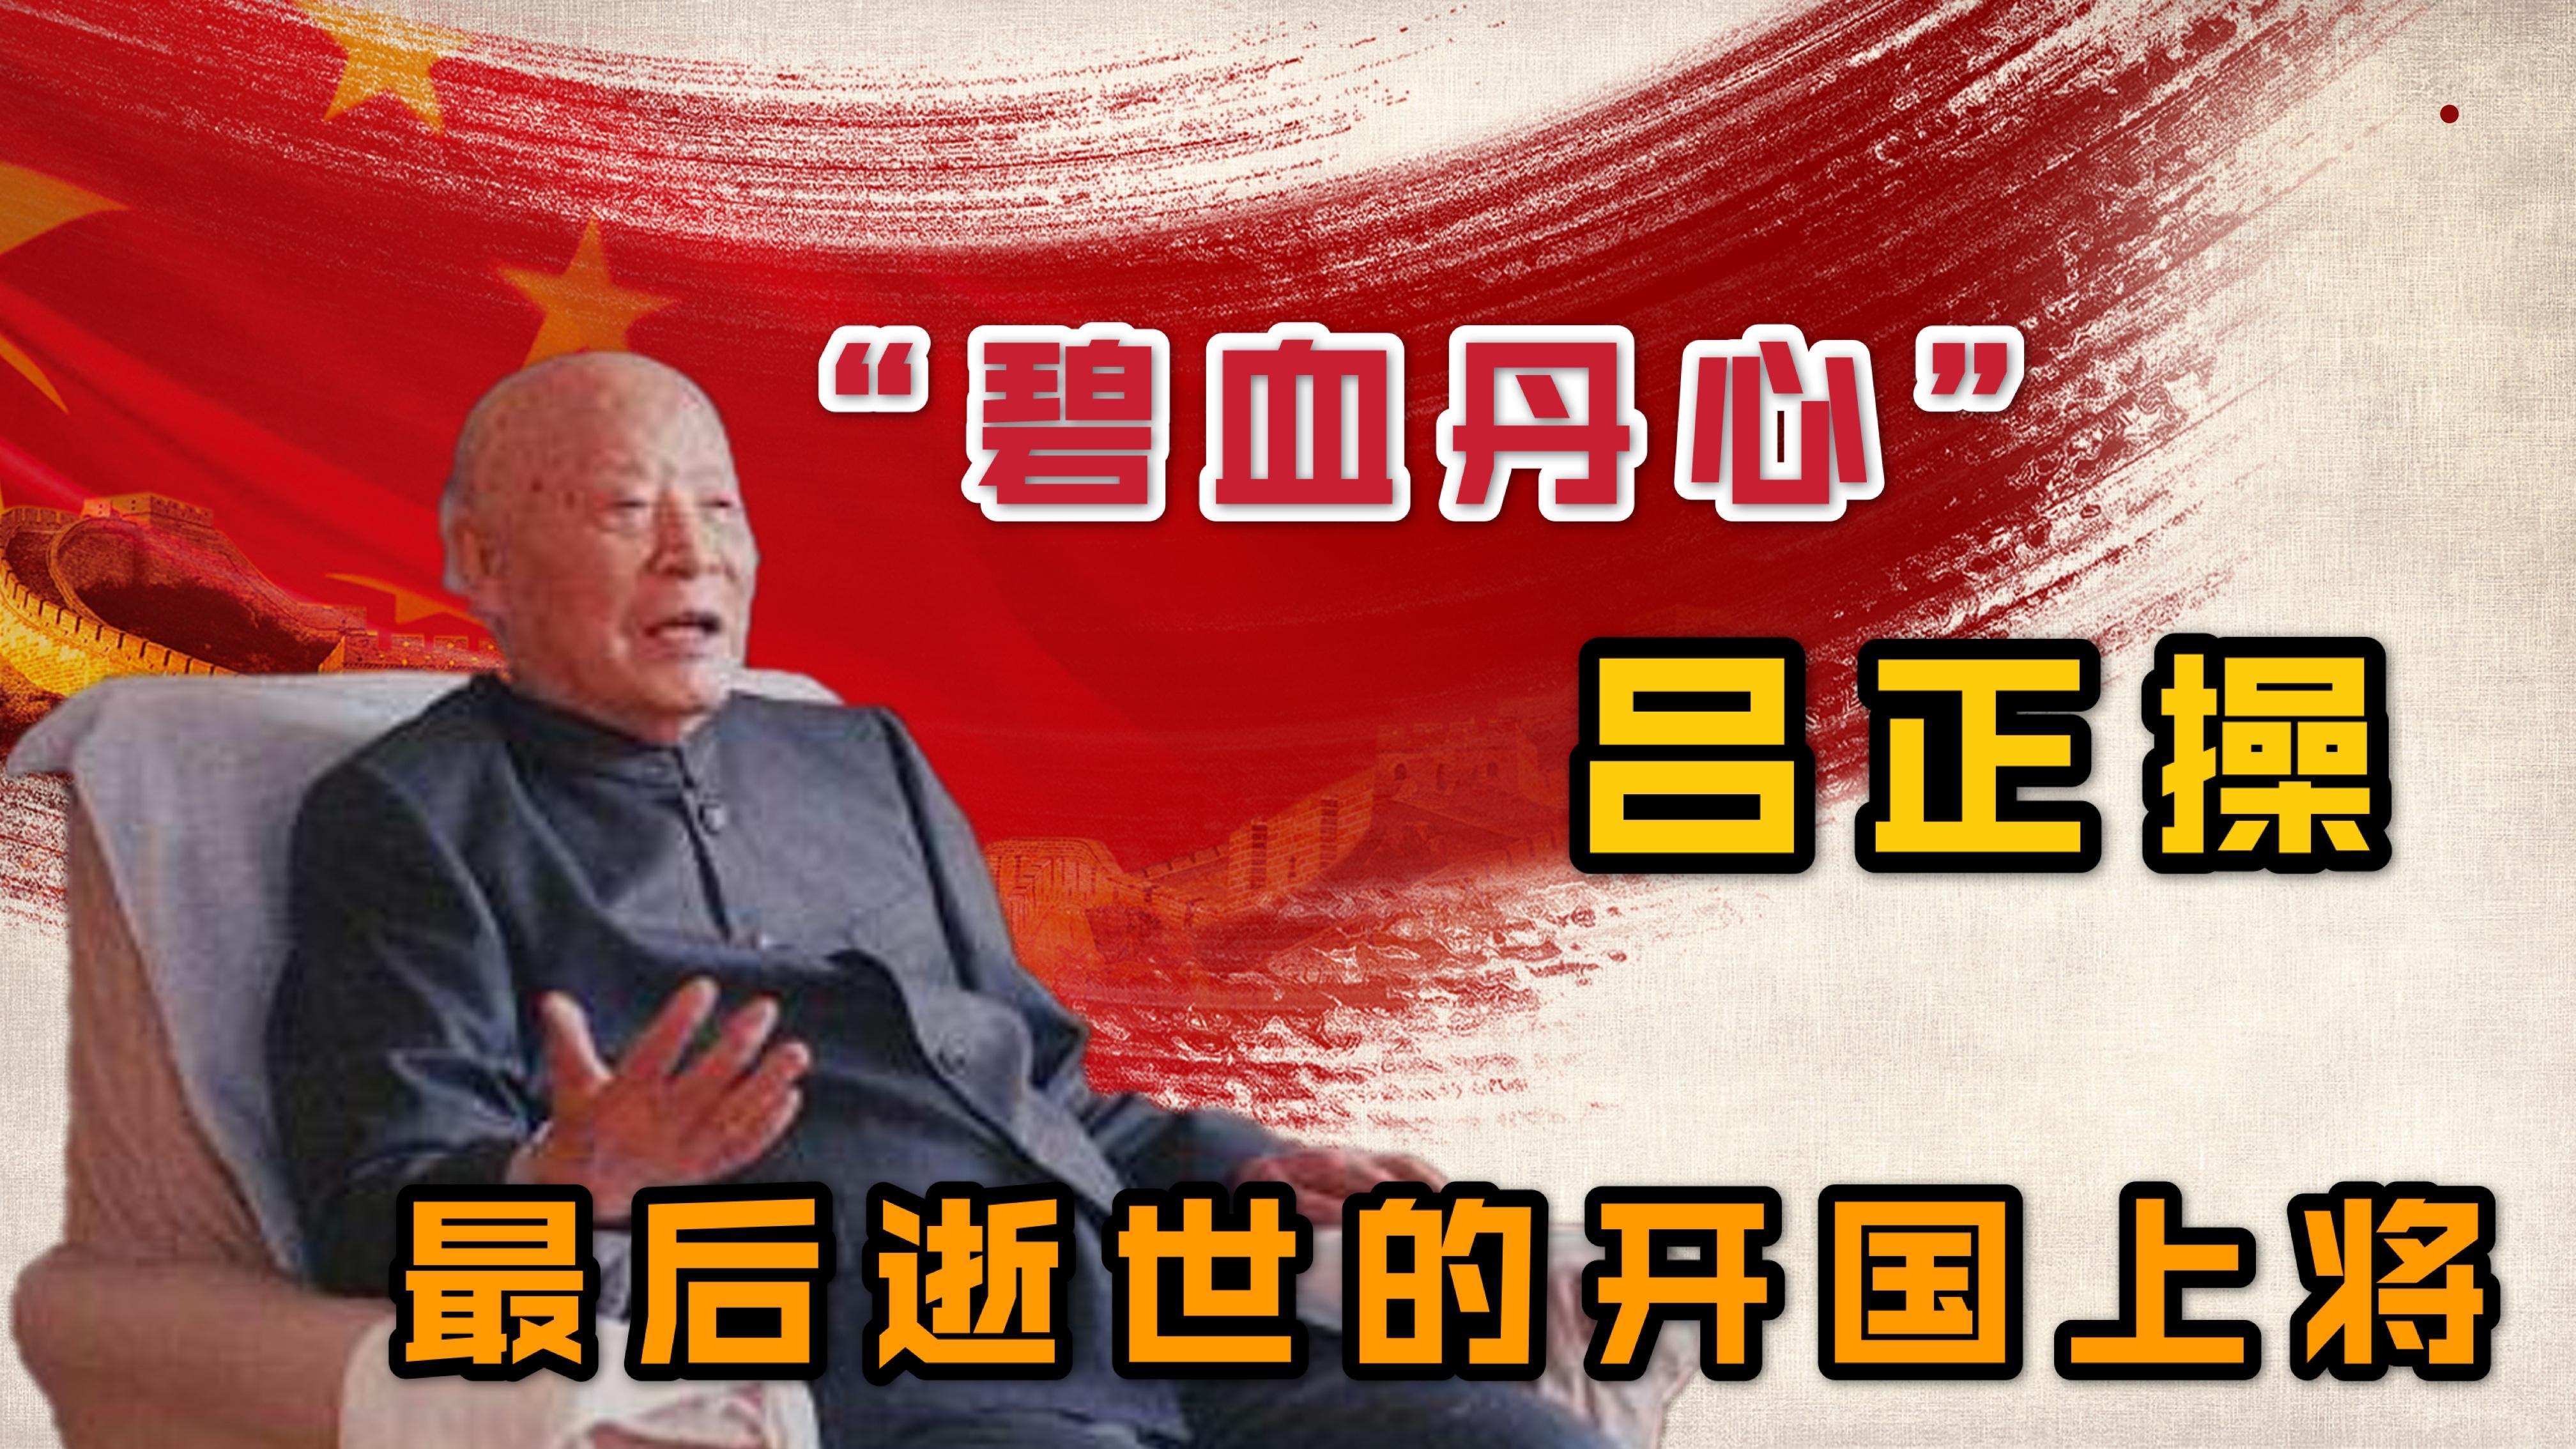 吕正操:最后逝世的开国上将,部下却是大将,毛主席夸赞他是模范